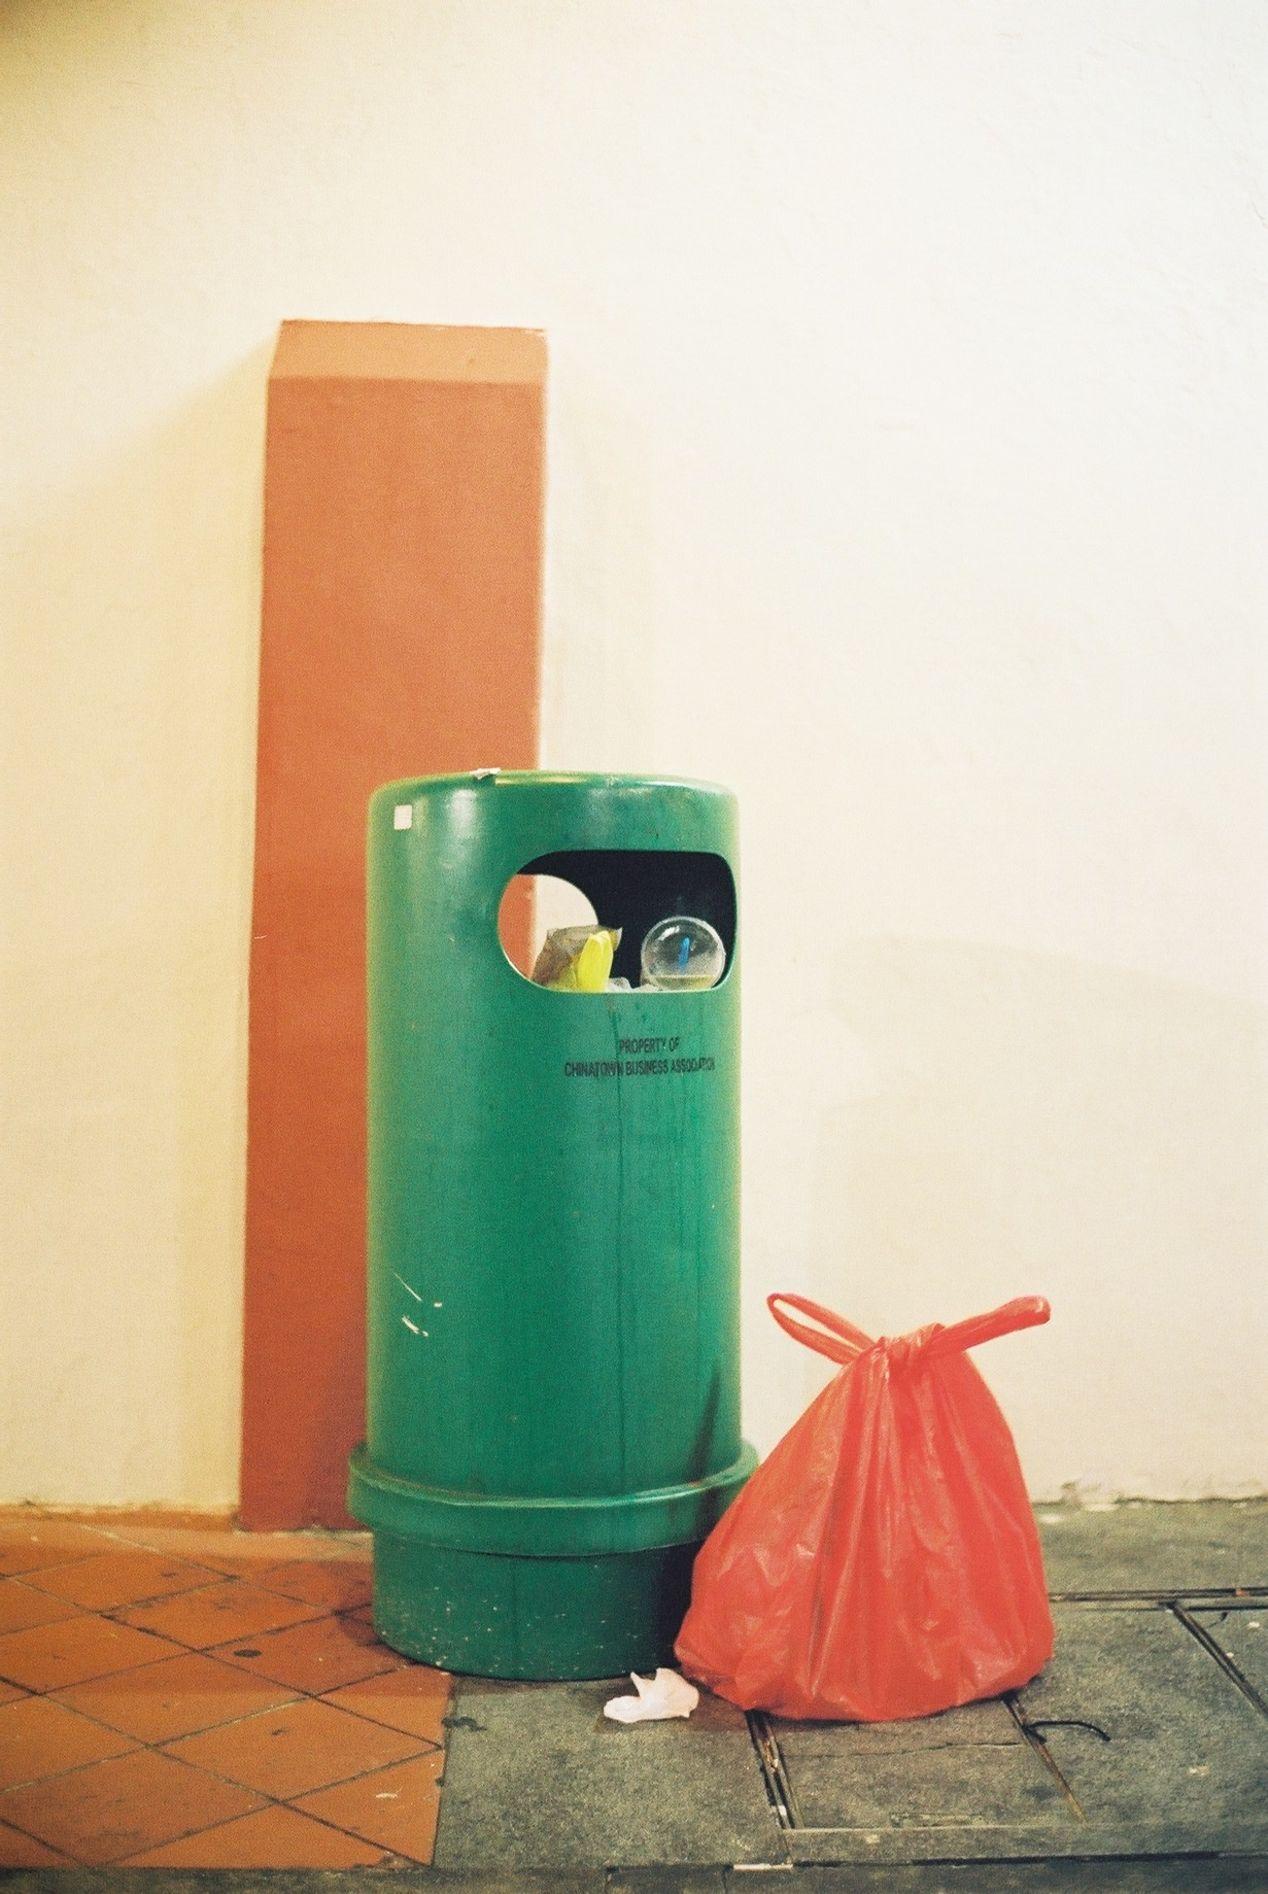 An all-purpose trash bin.